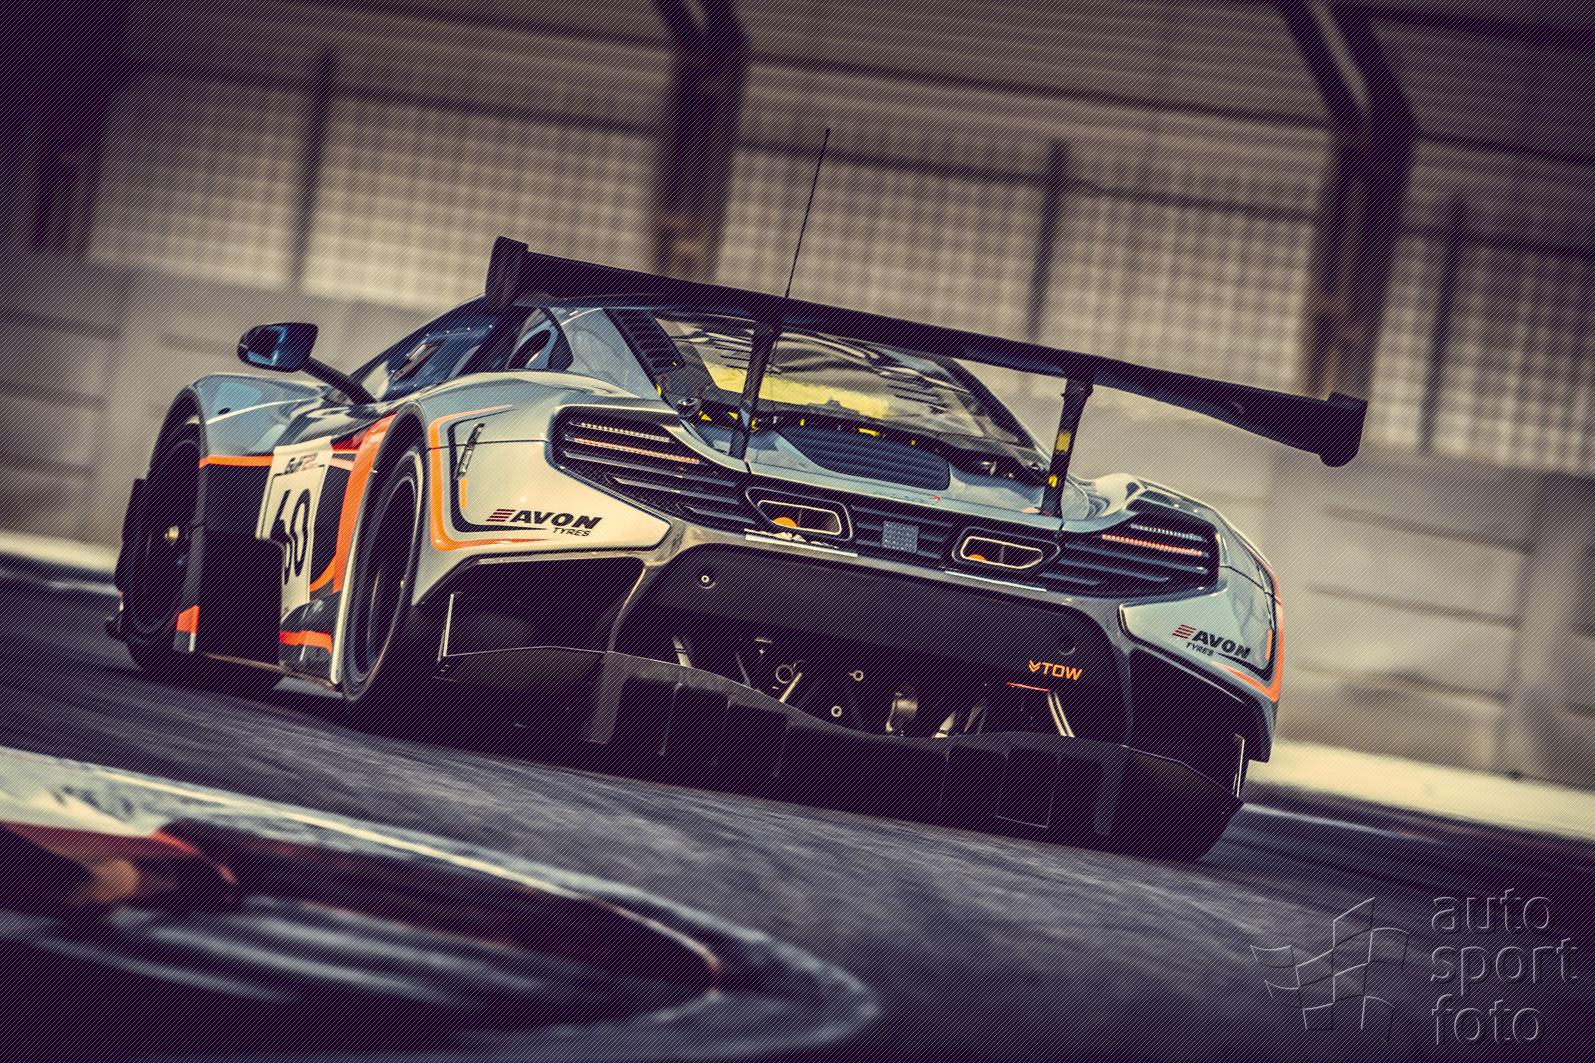 http://www.autosportfoto.sk/images/gallery/mclaren-gt-signs-off-the-650s-gt3/gulf12hr-2014-1439.jpg